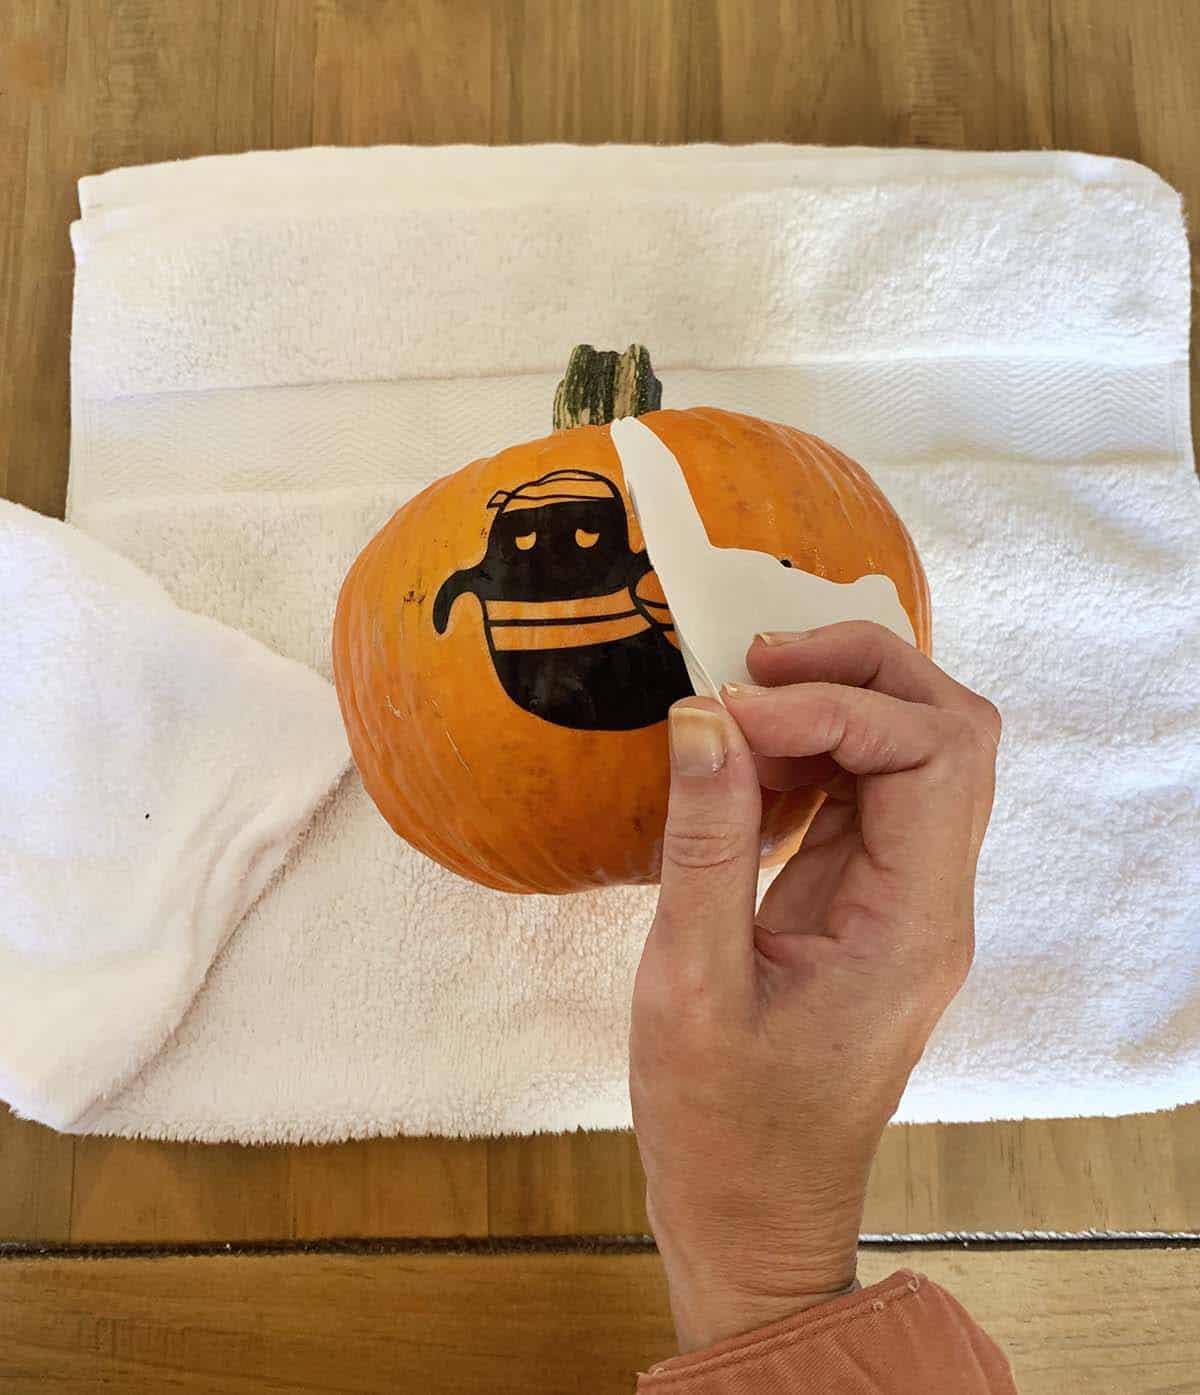 Peeling the tattoo paper off the pumpkin